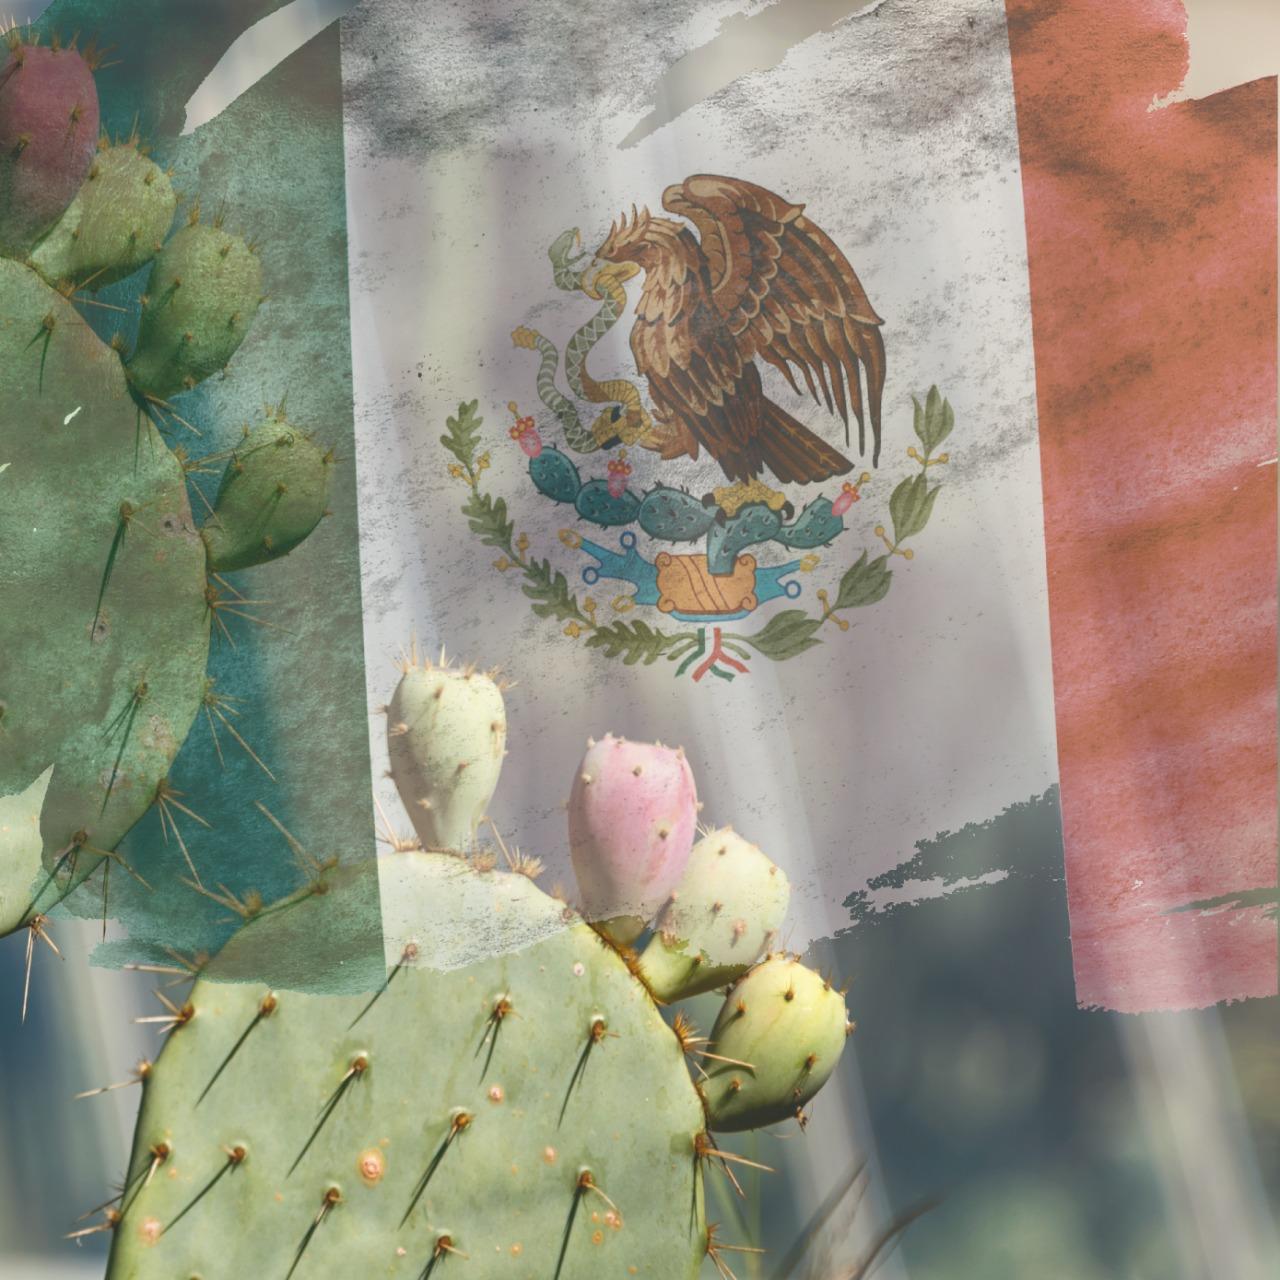 El nopal y las tunas son algunos de los símbolos más significativos para la identidad de un mexicano.